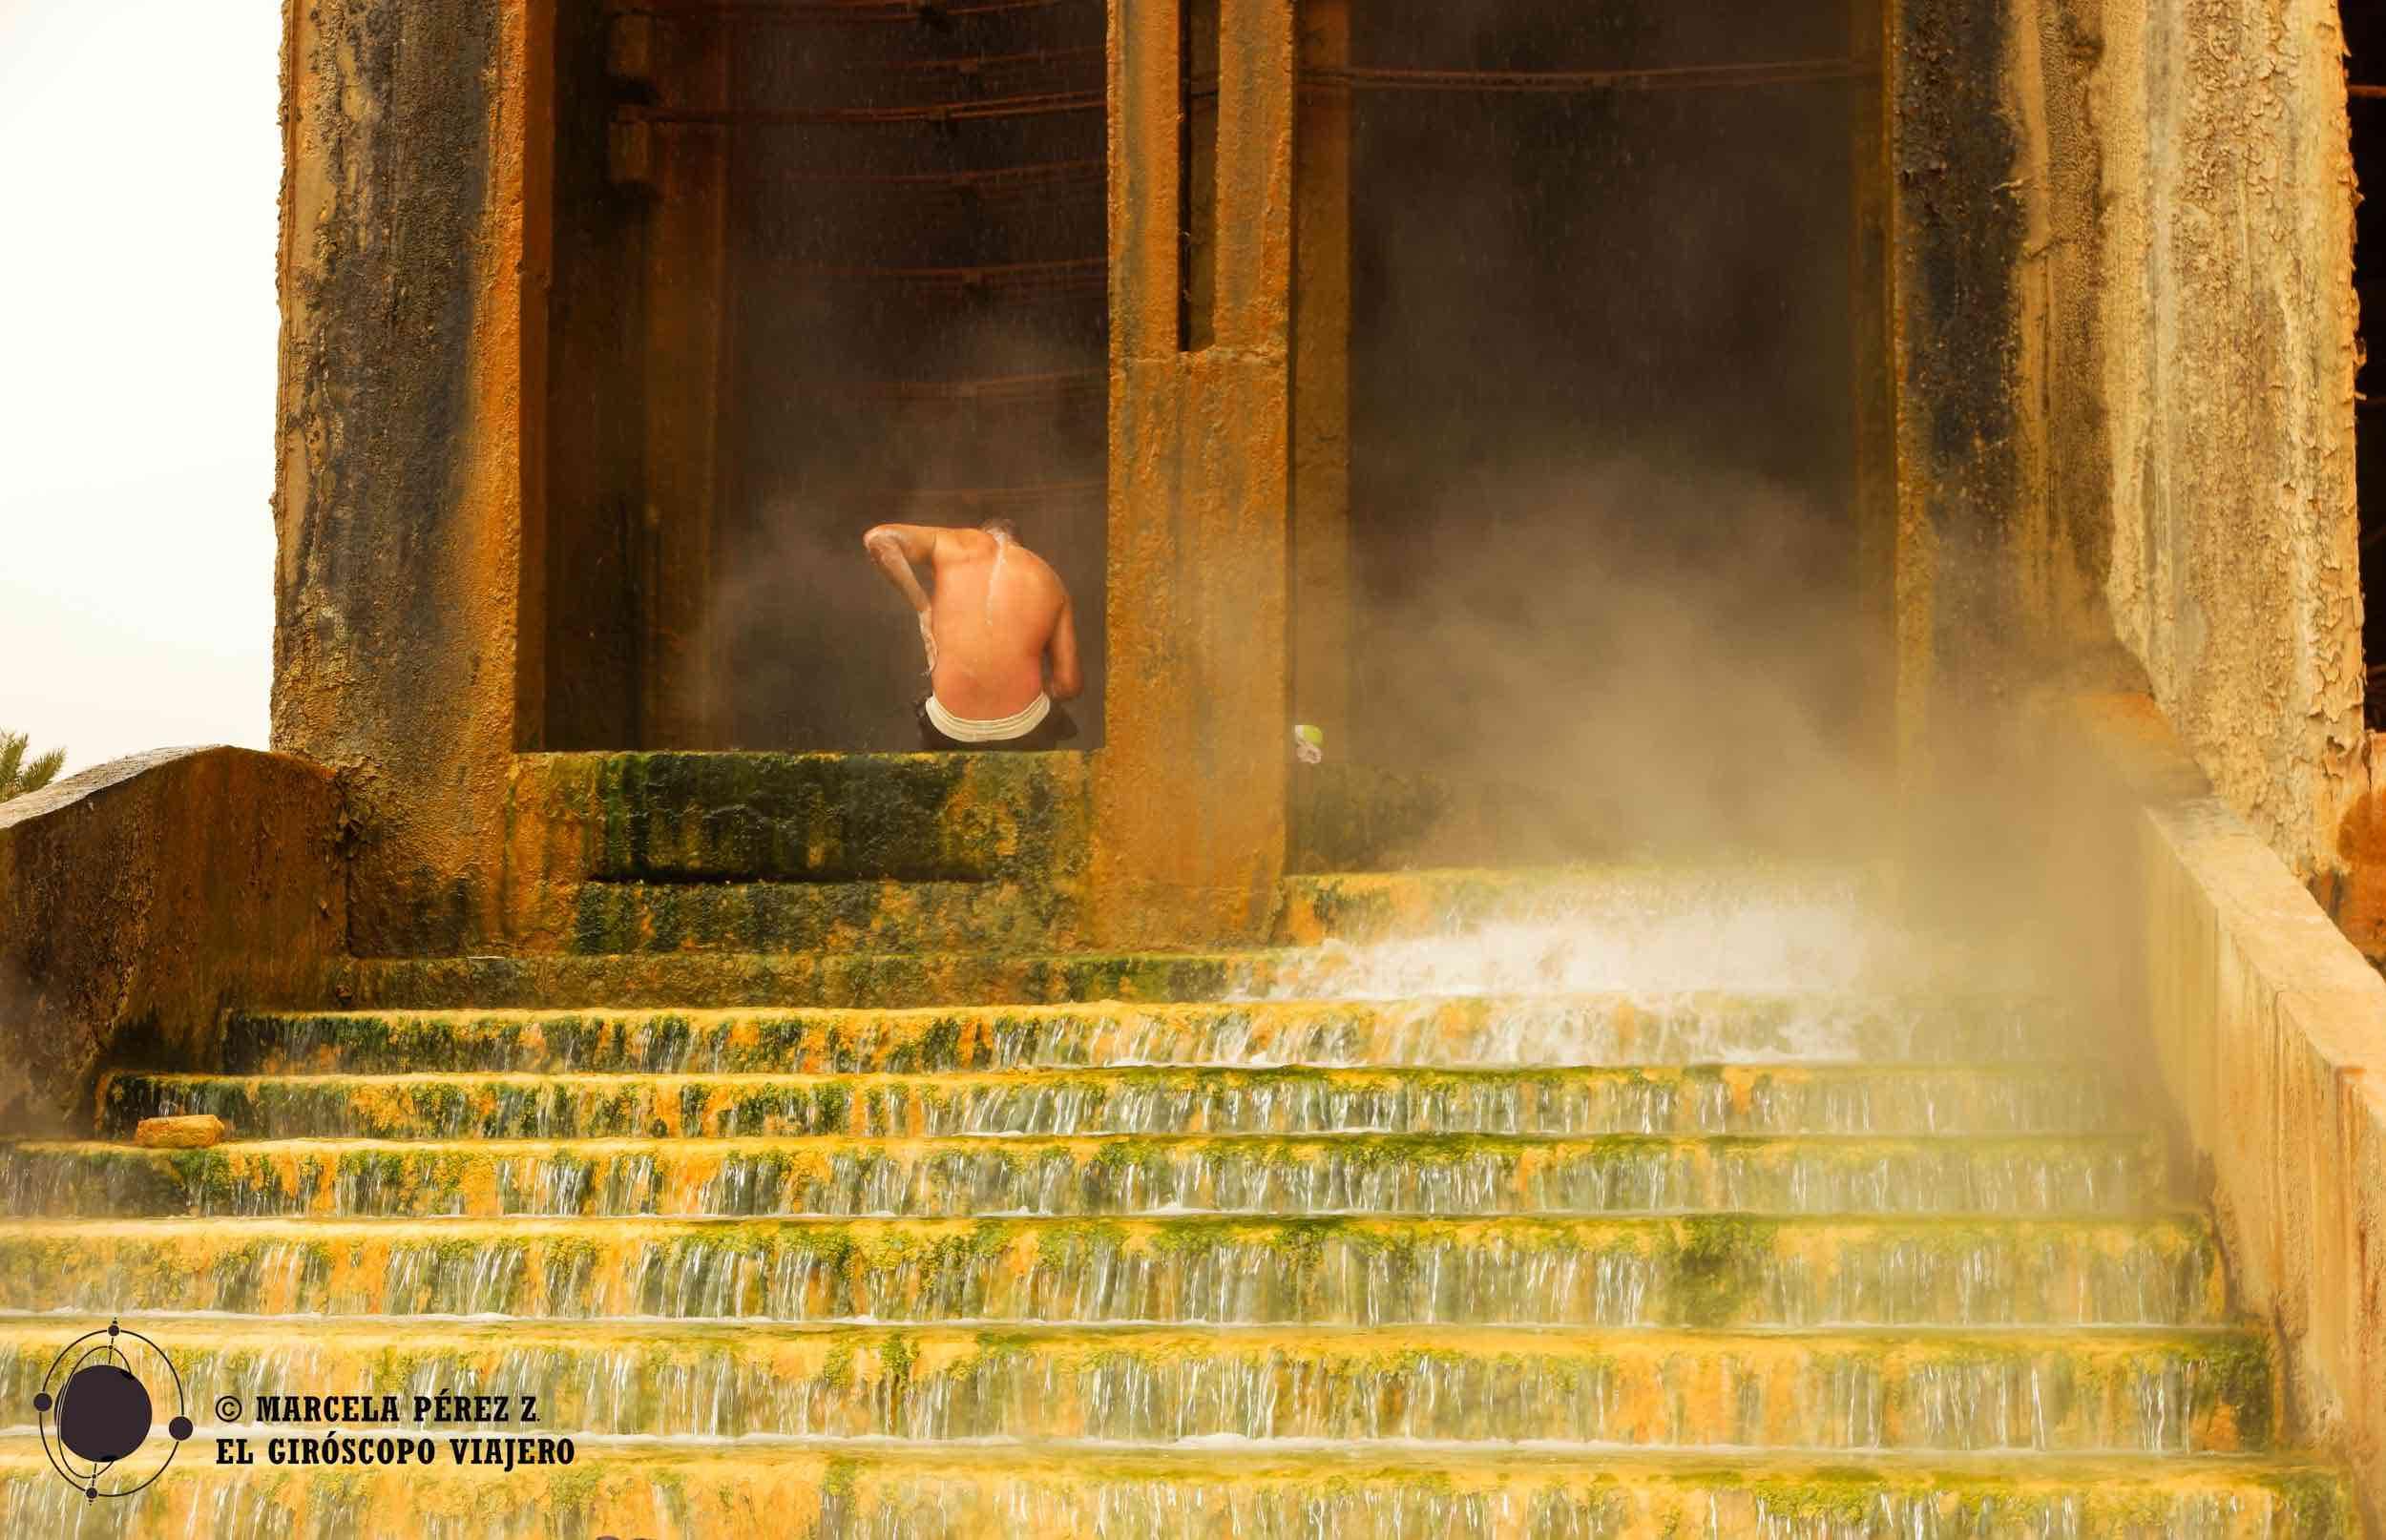 Los habitantes de Suk disfrutan de un baño reparador en las aguas termales ©Marcela Pérez Z.